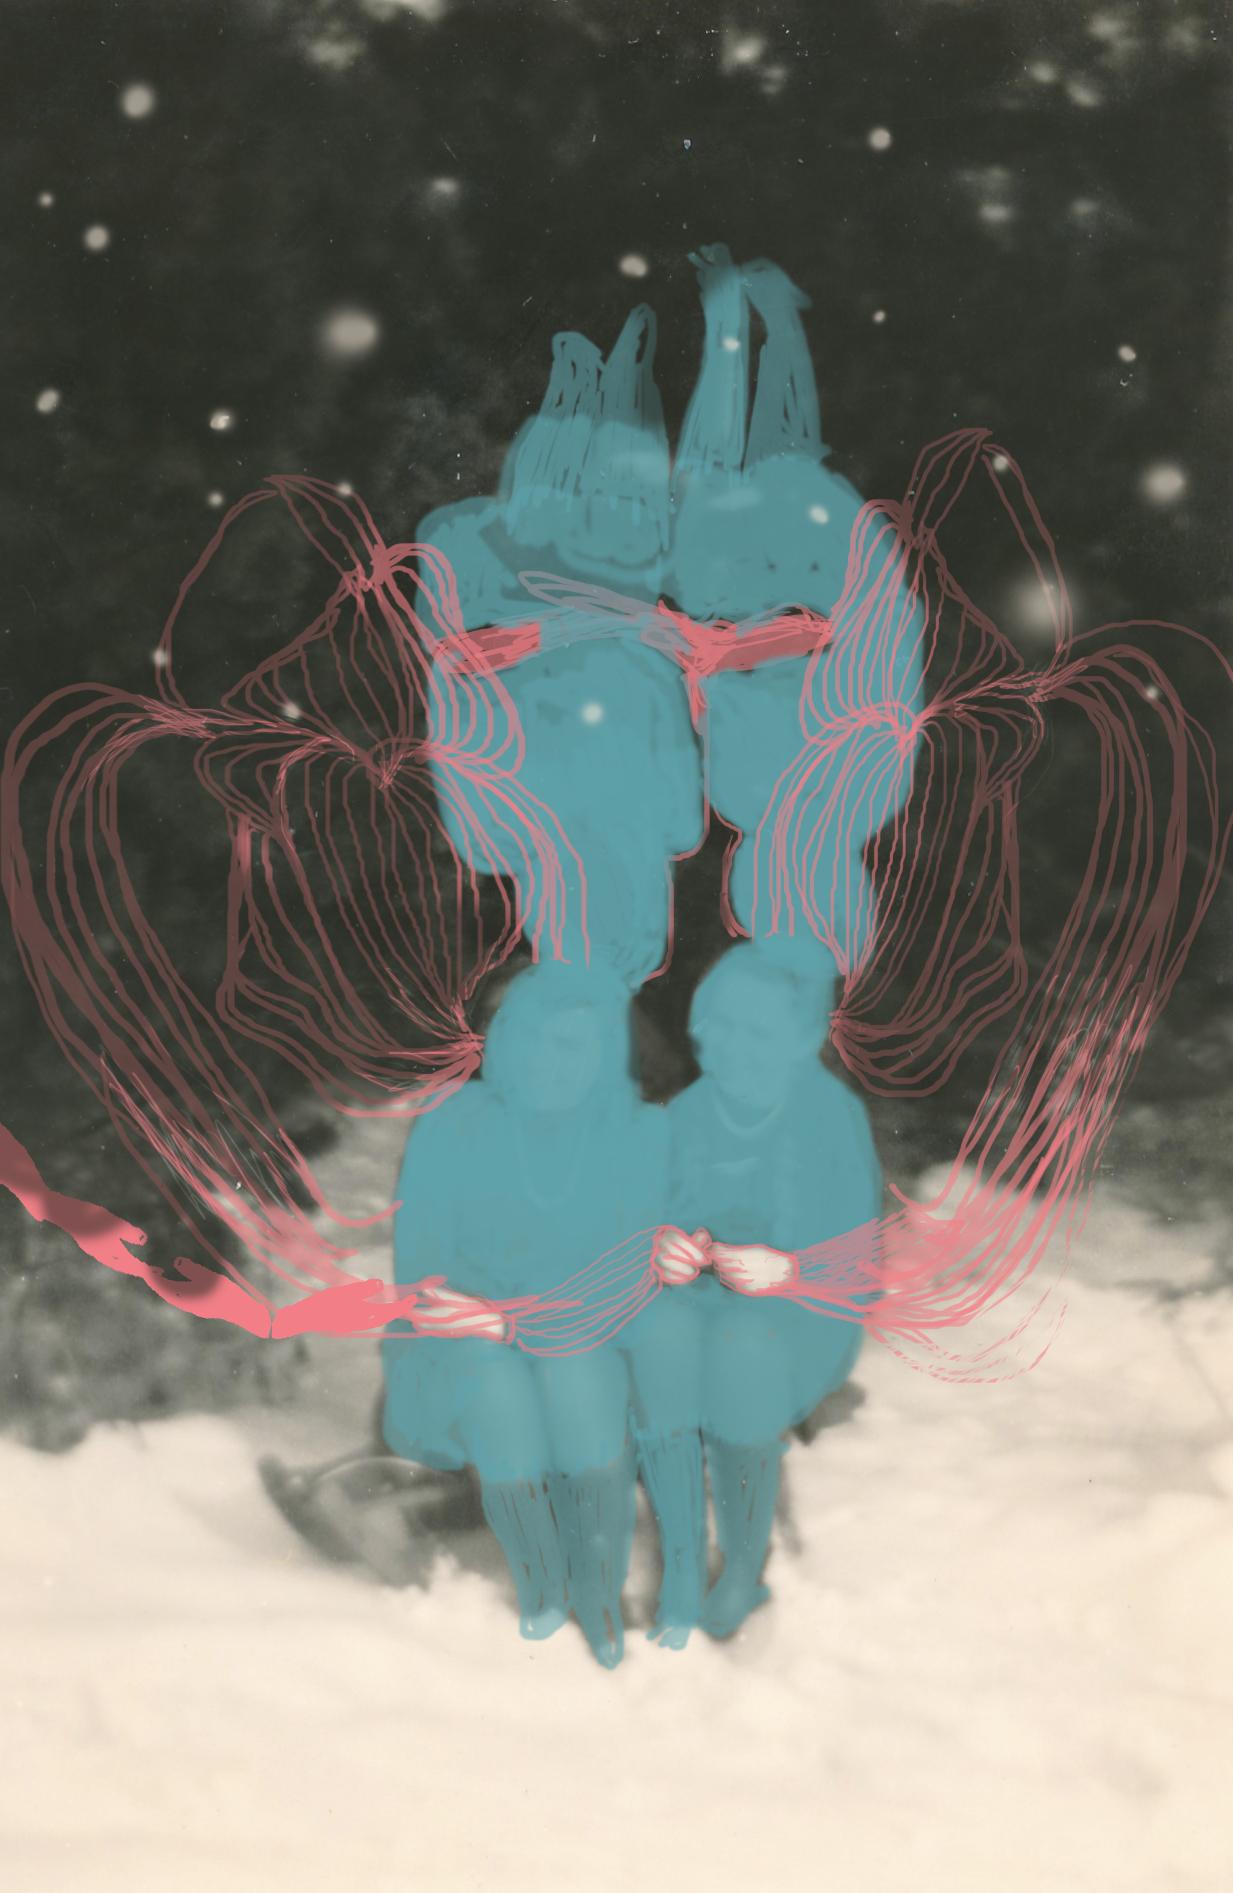 Album, digitale Zeichnung auf Fotografie, 2020